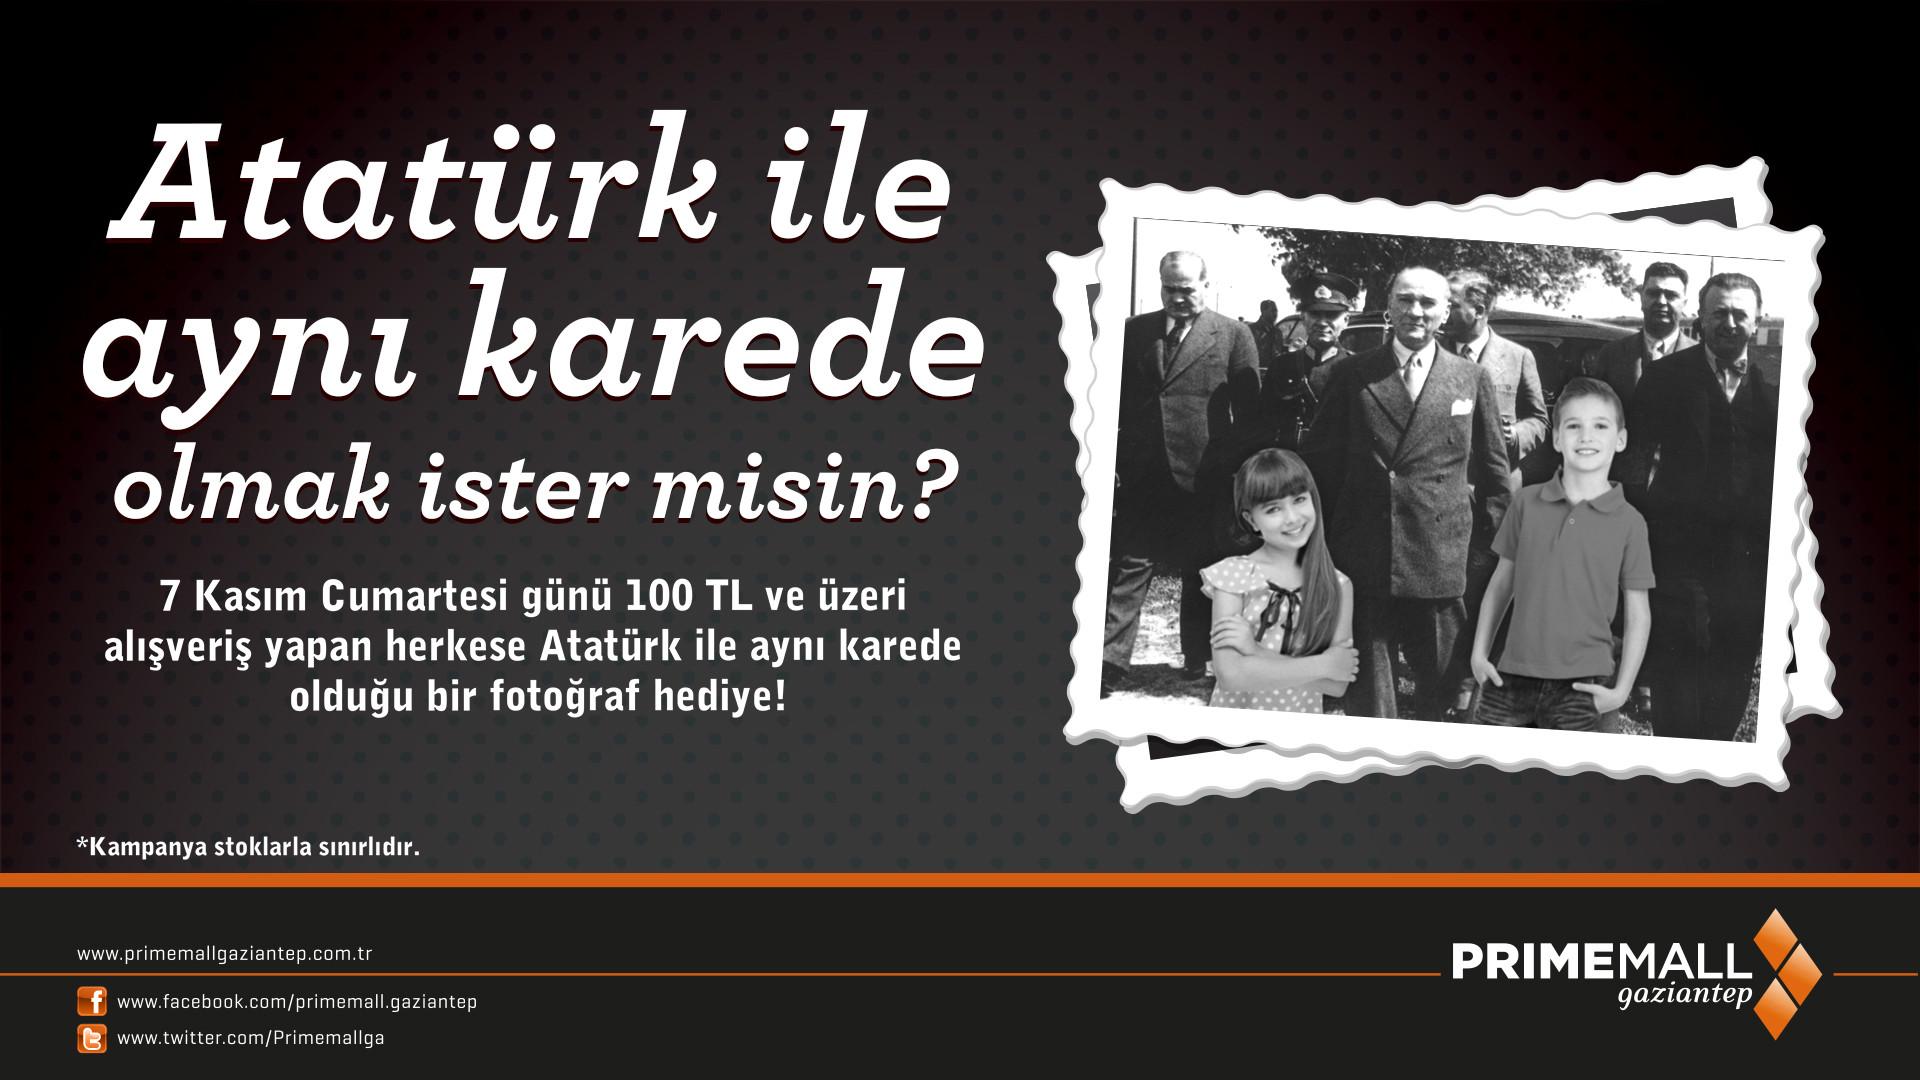 Atatürk İle Aynı Karede Olmak İster Misiniz?